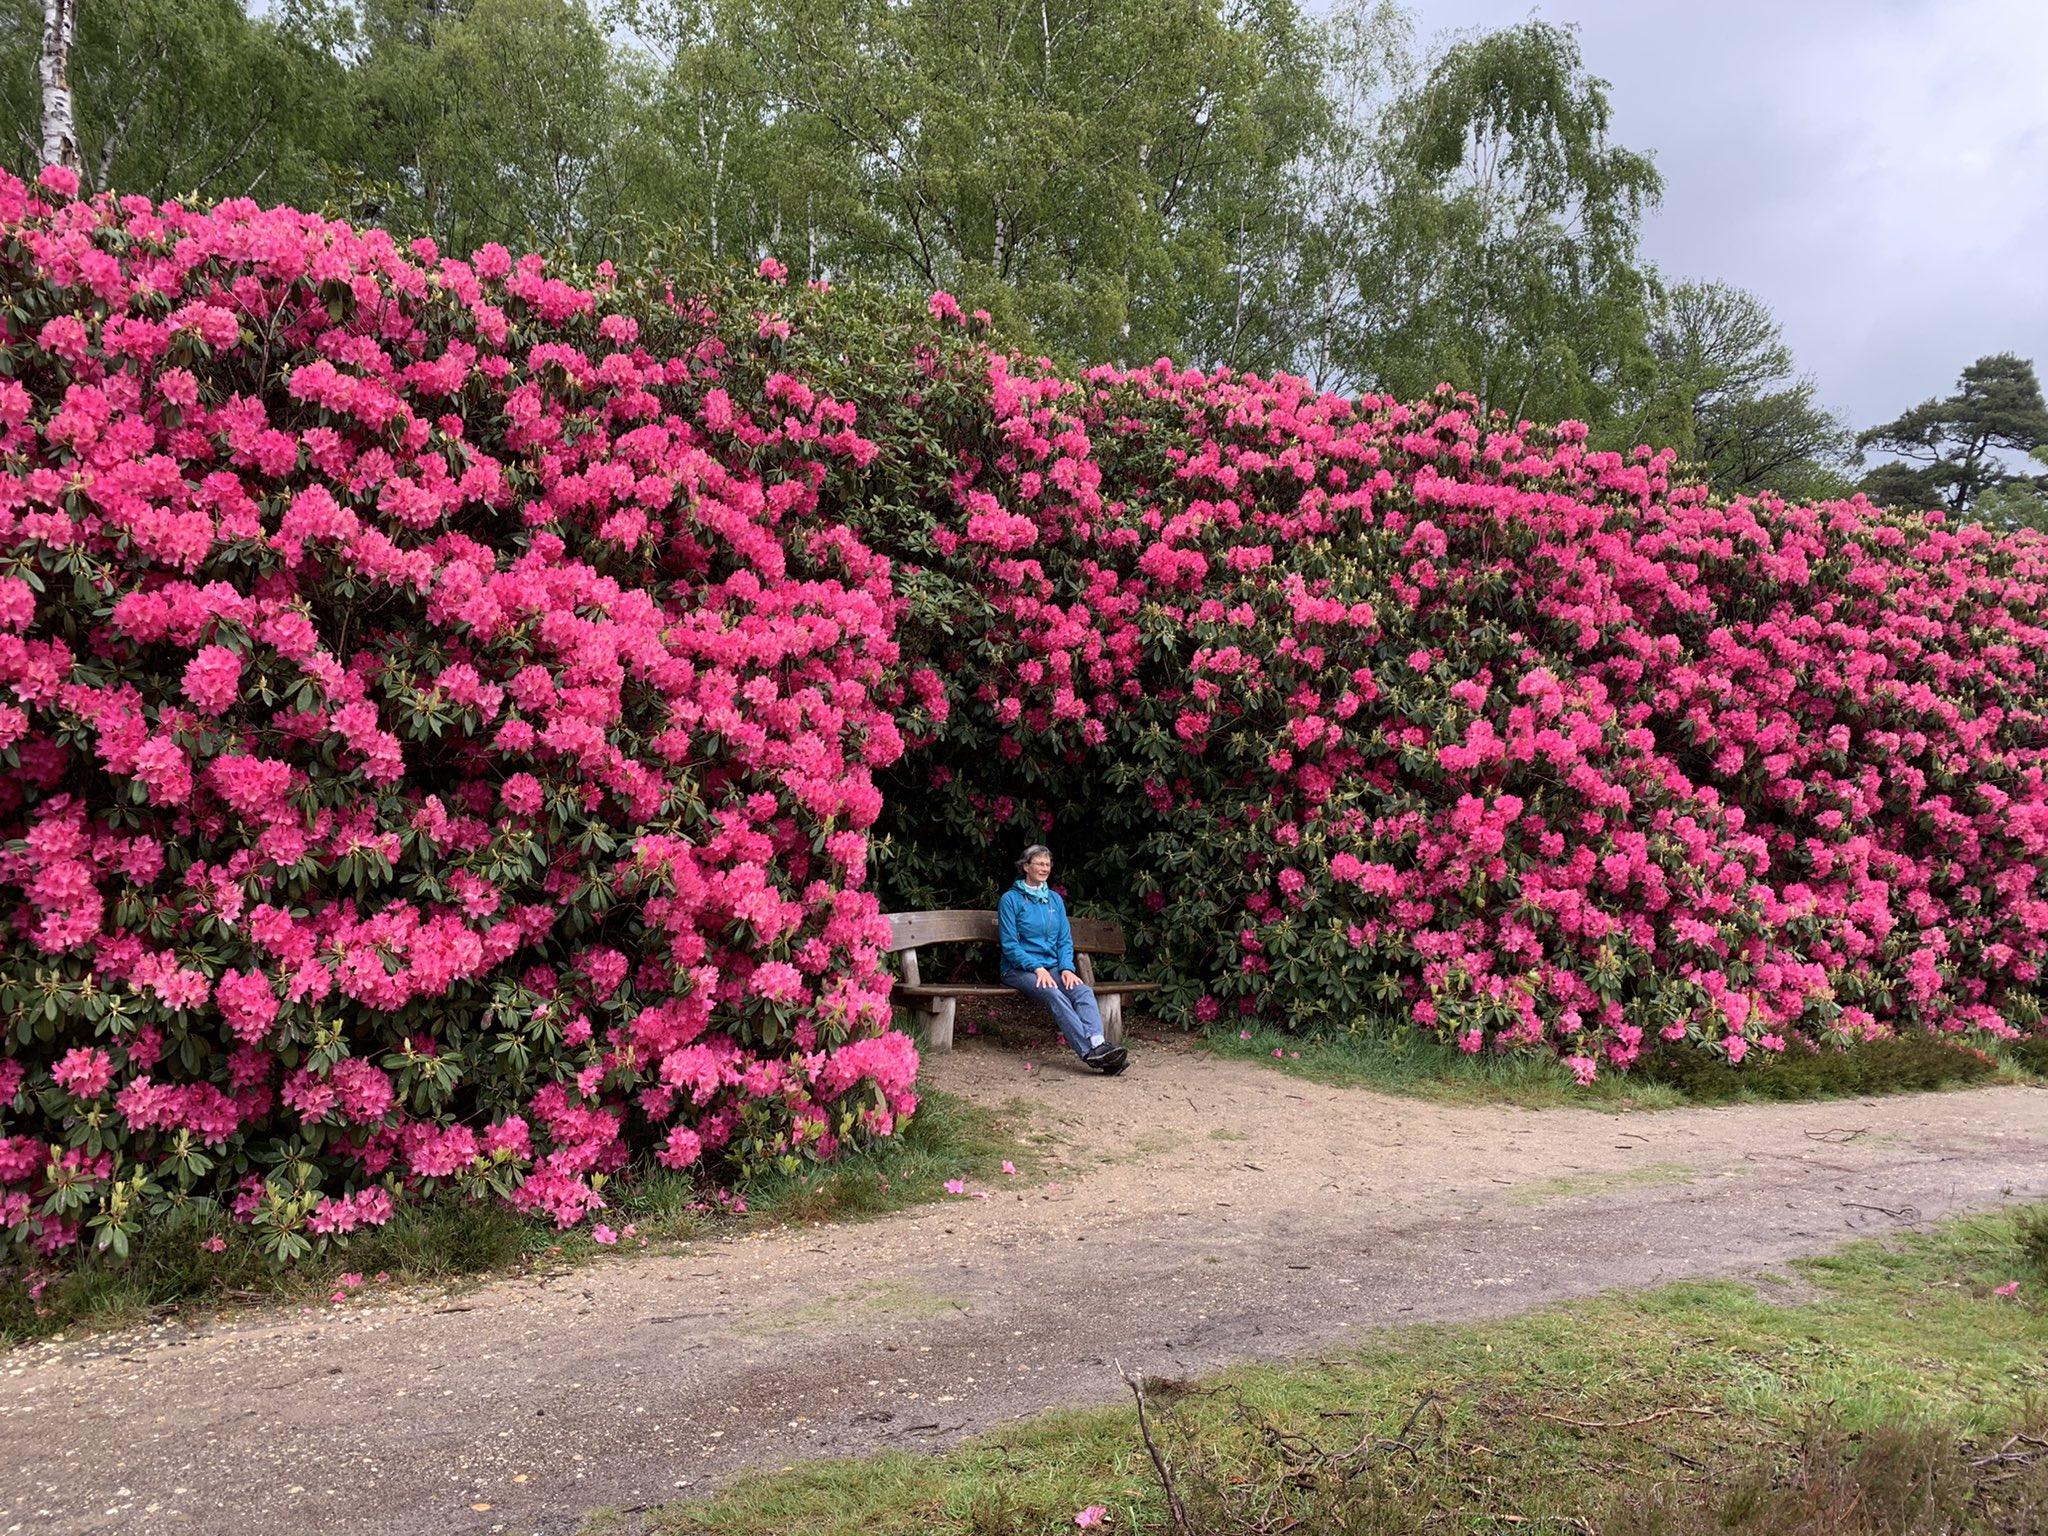 rt-katjastaartjes-een-van-de-mooiste-wandelbankjes-van-nederland-staat-vlakbij-ons-huis-%f0%9f%8c%ba-sallandseheuvelrug-sprengenberg-haarle-ht